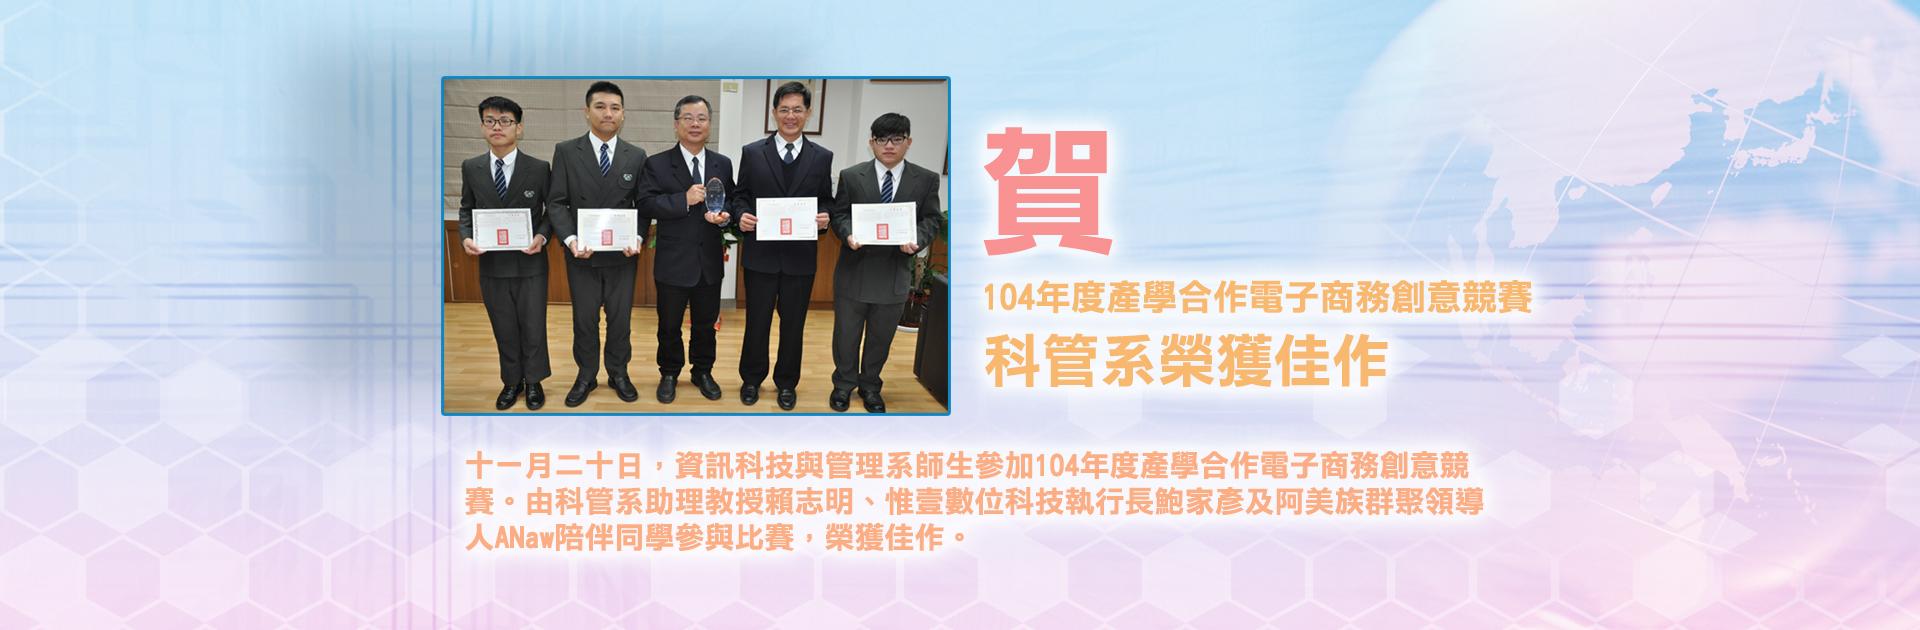 104年度產學合作電子商務創意競賽 科管系榮獲佳作